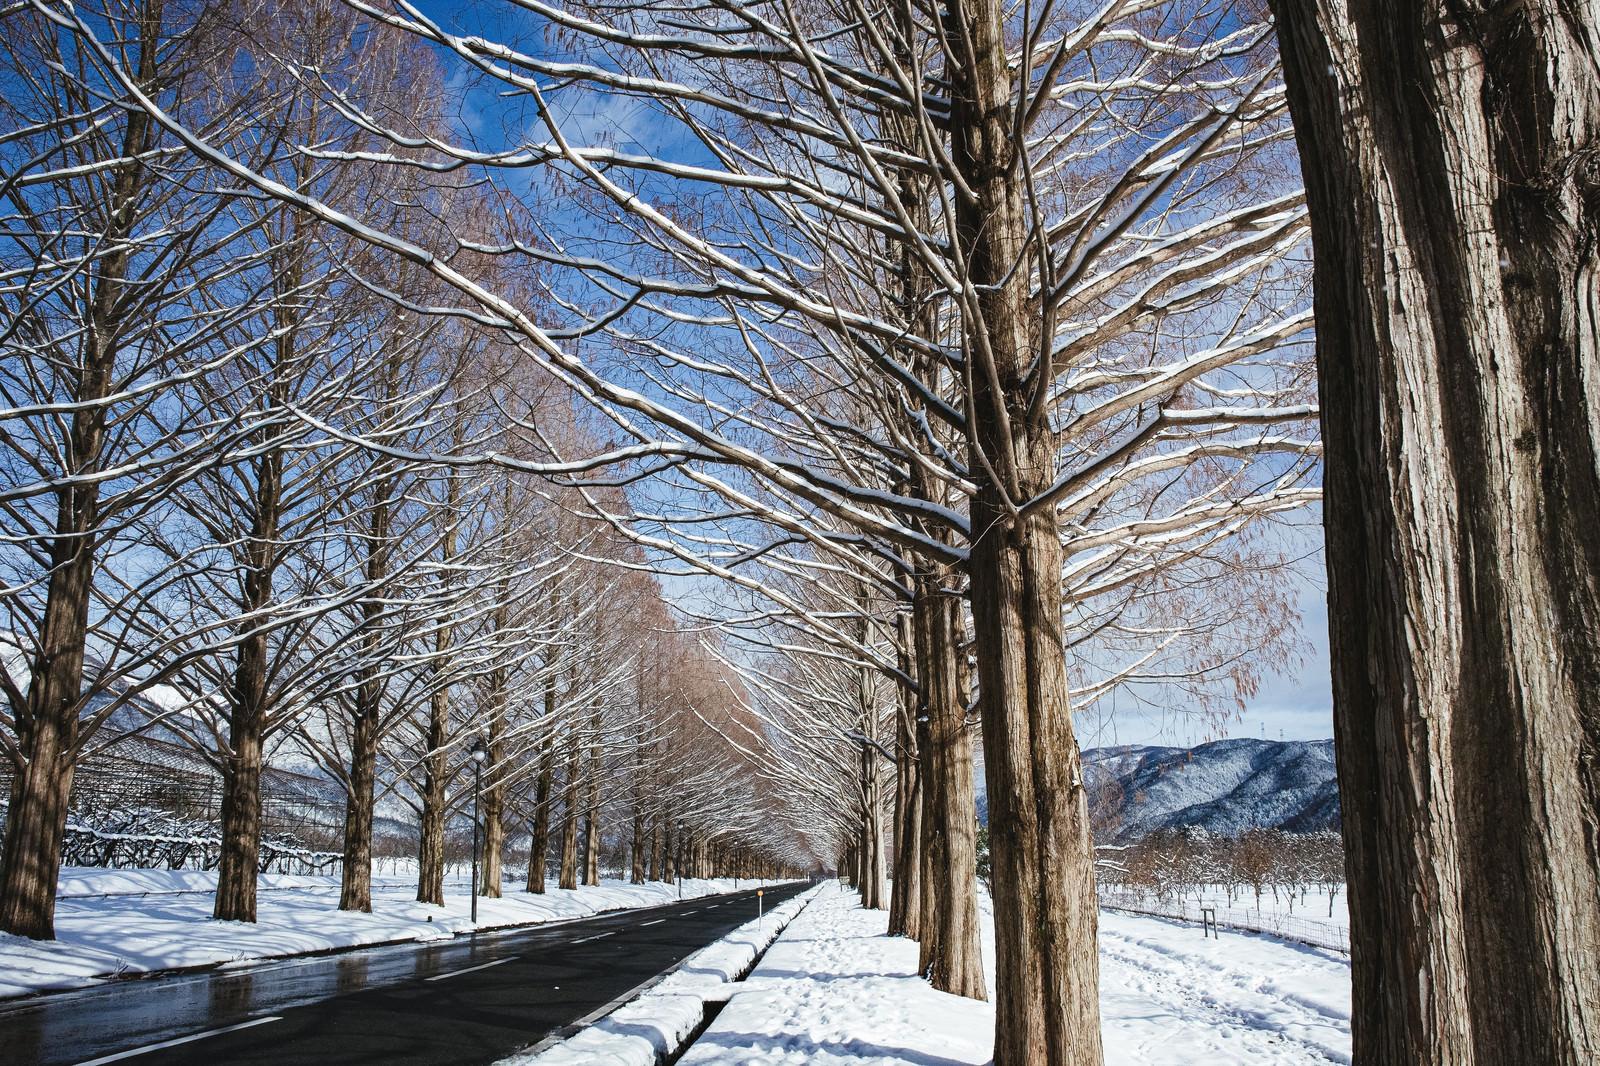 「青空がのぞく雪景色の並木道(滋賀県高島市マキノ町)」の写真